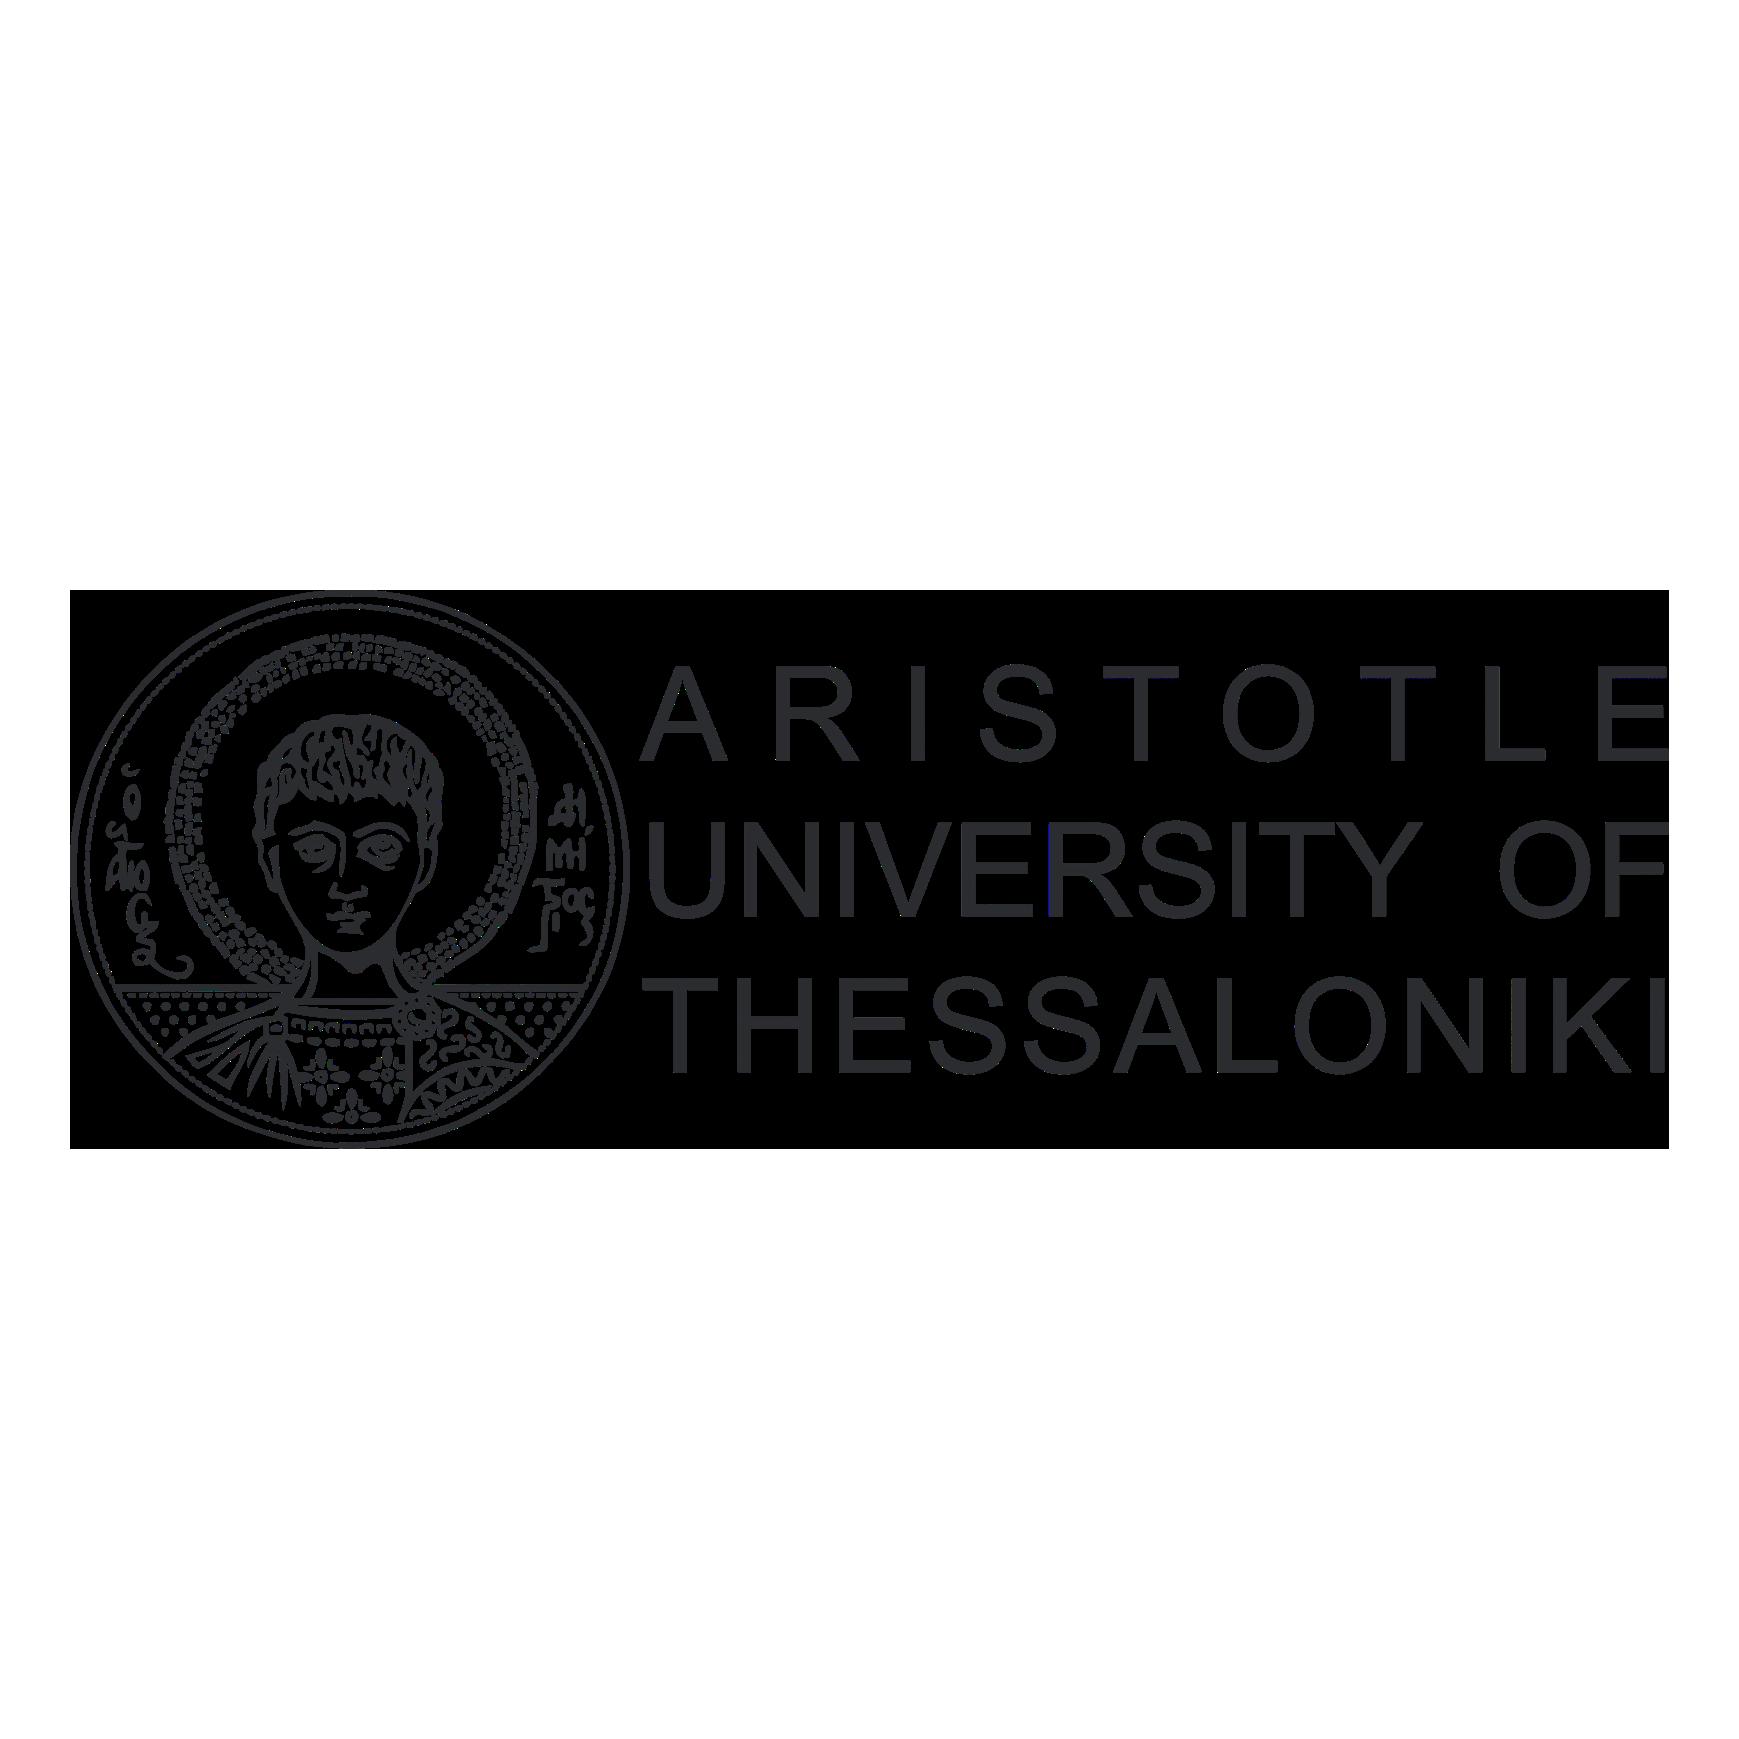 17_Aristotle-University